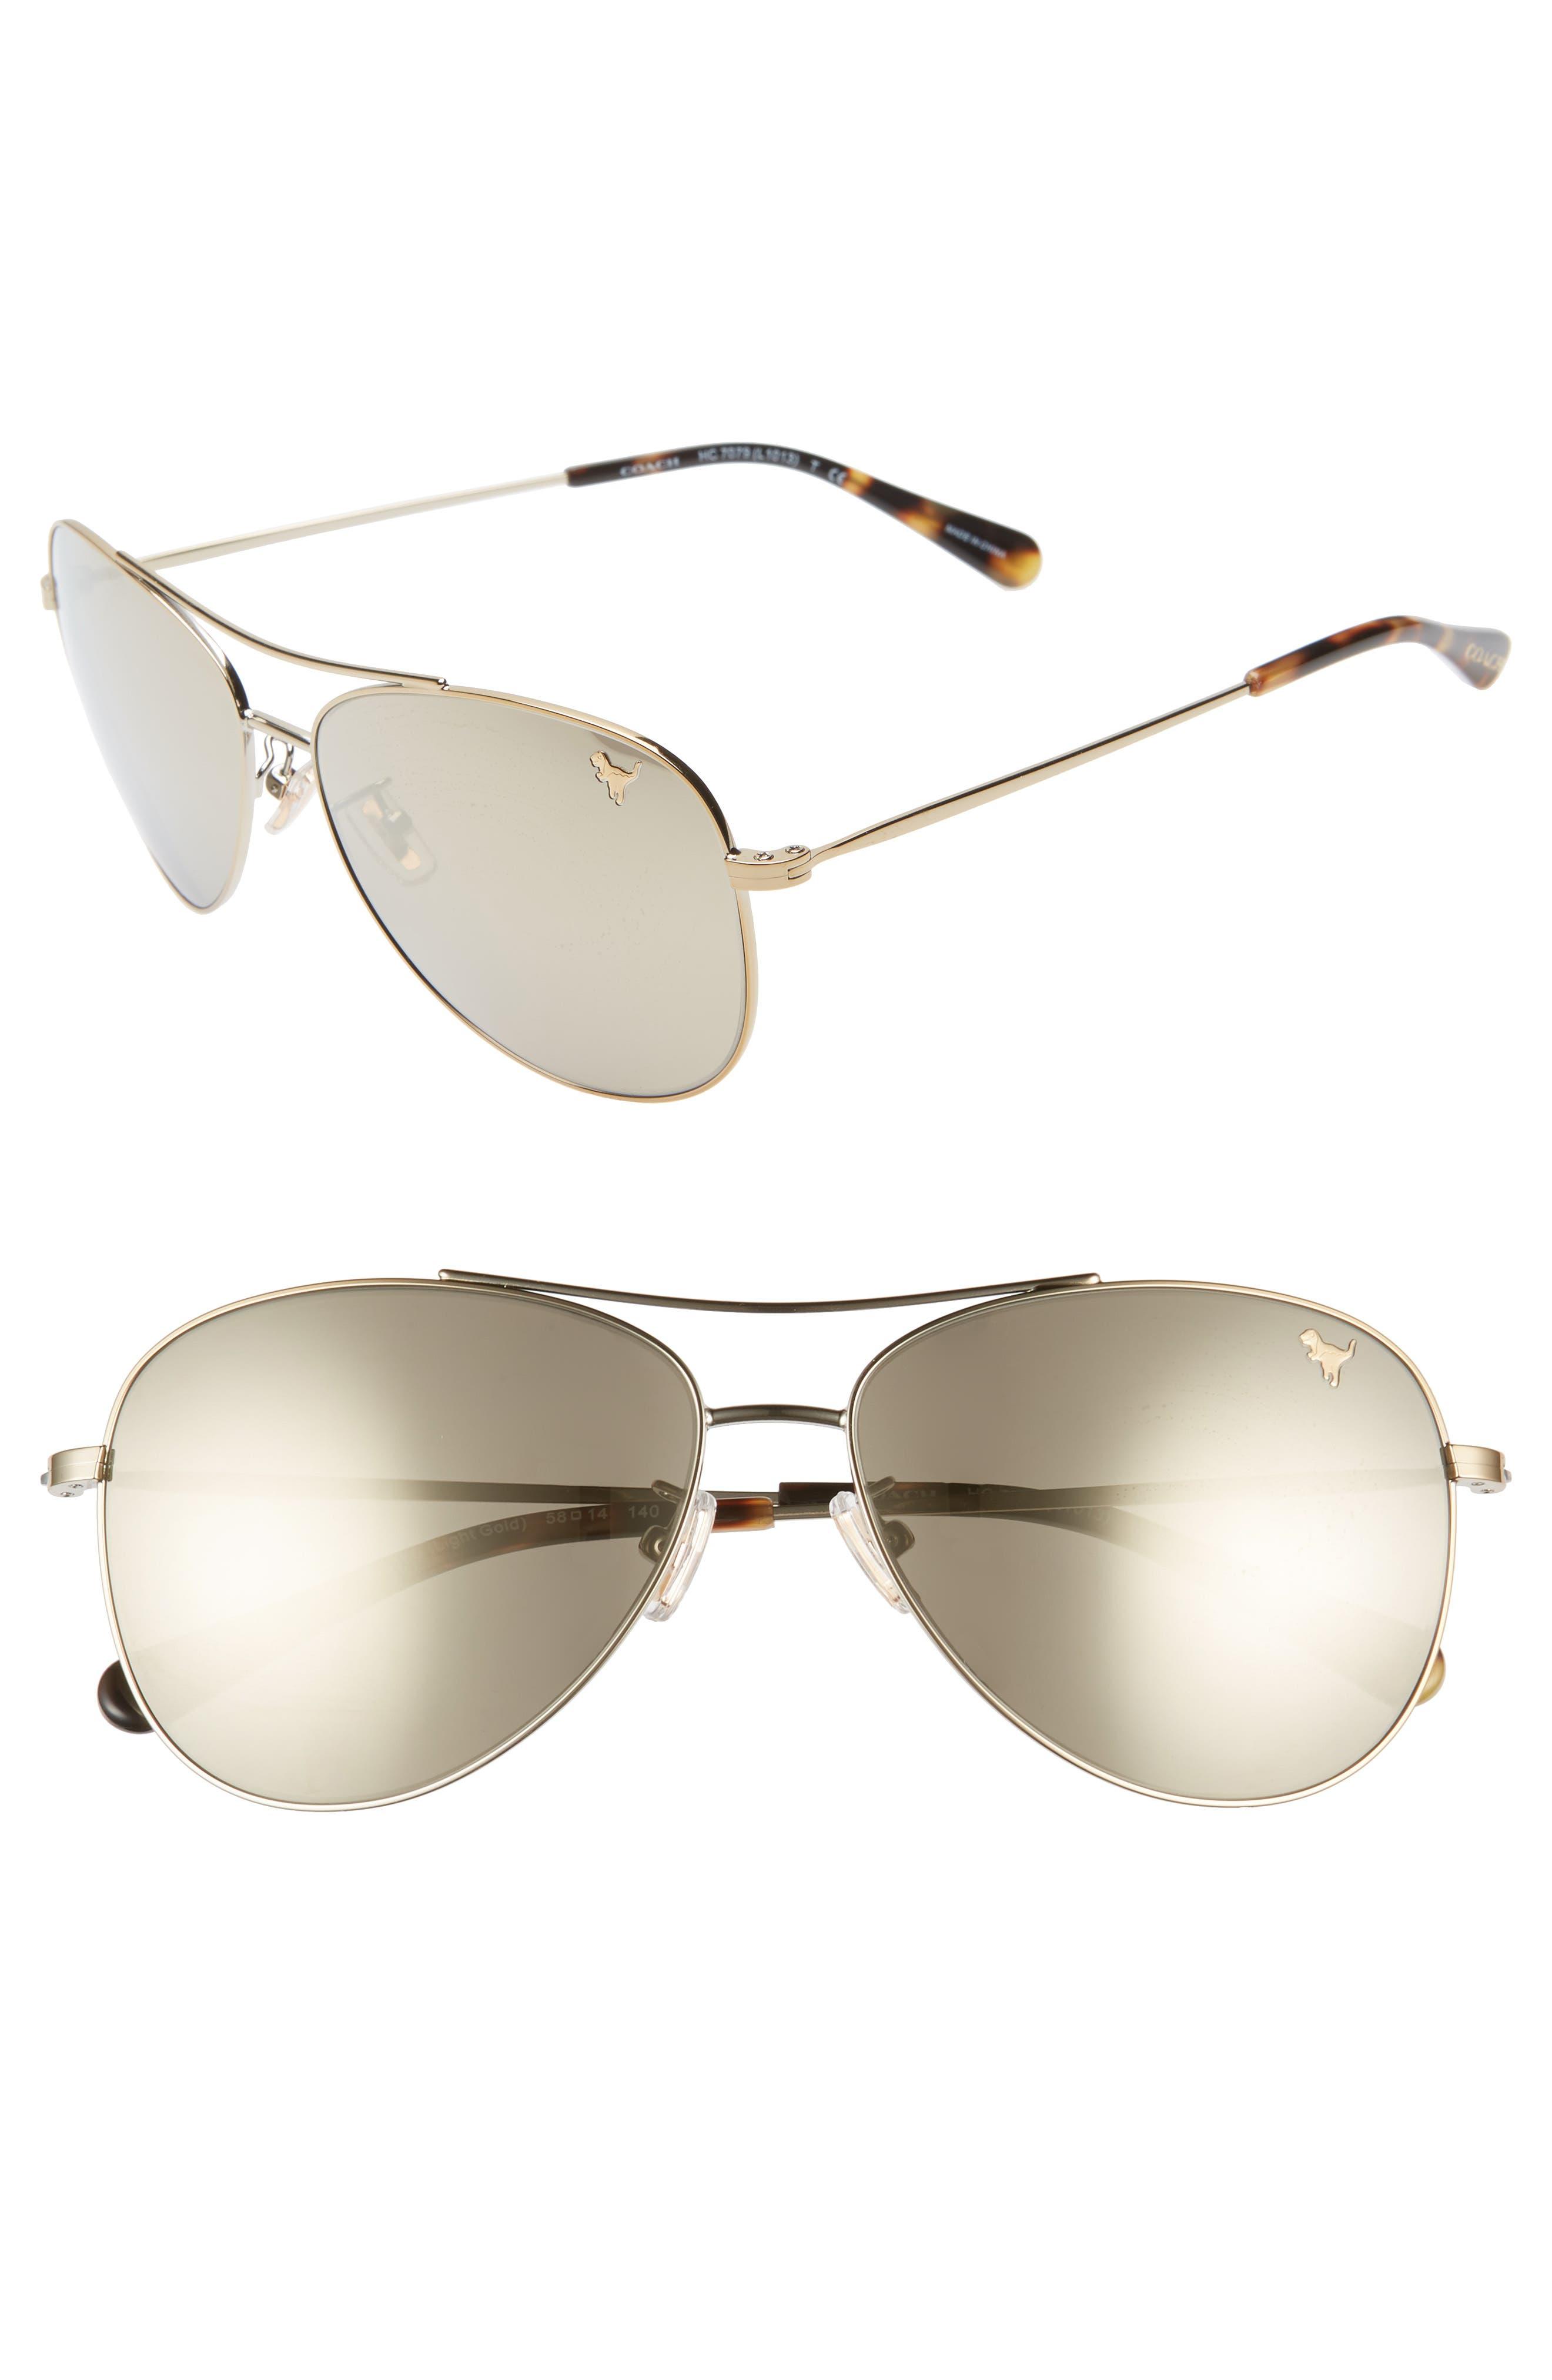 cf3704fc3 best price coach mirrored sunglasses cf8a7 00adc